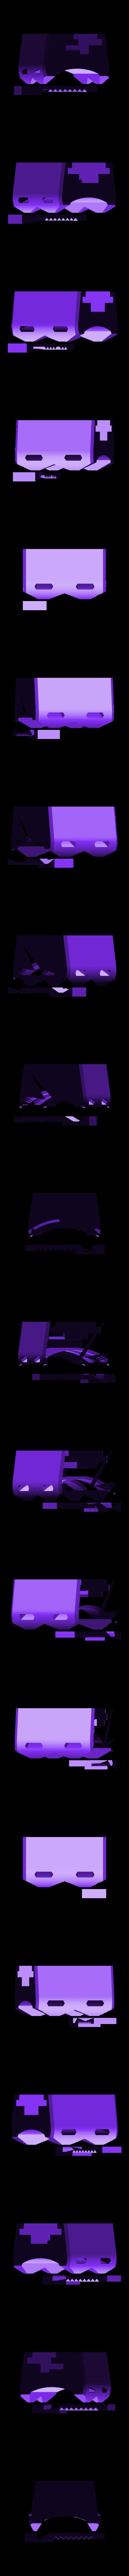 base.stl Télécharger fichier STL gratuit Support de tige de vélo Snap-fit pour Anker PowerCore 5000 / PowerCore+ mini • Design imprimable en 3D, CyberCyclist